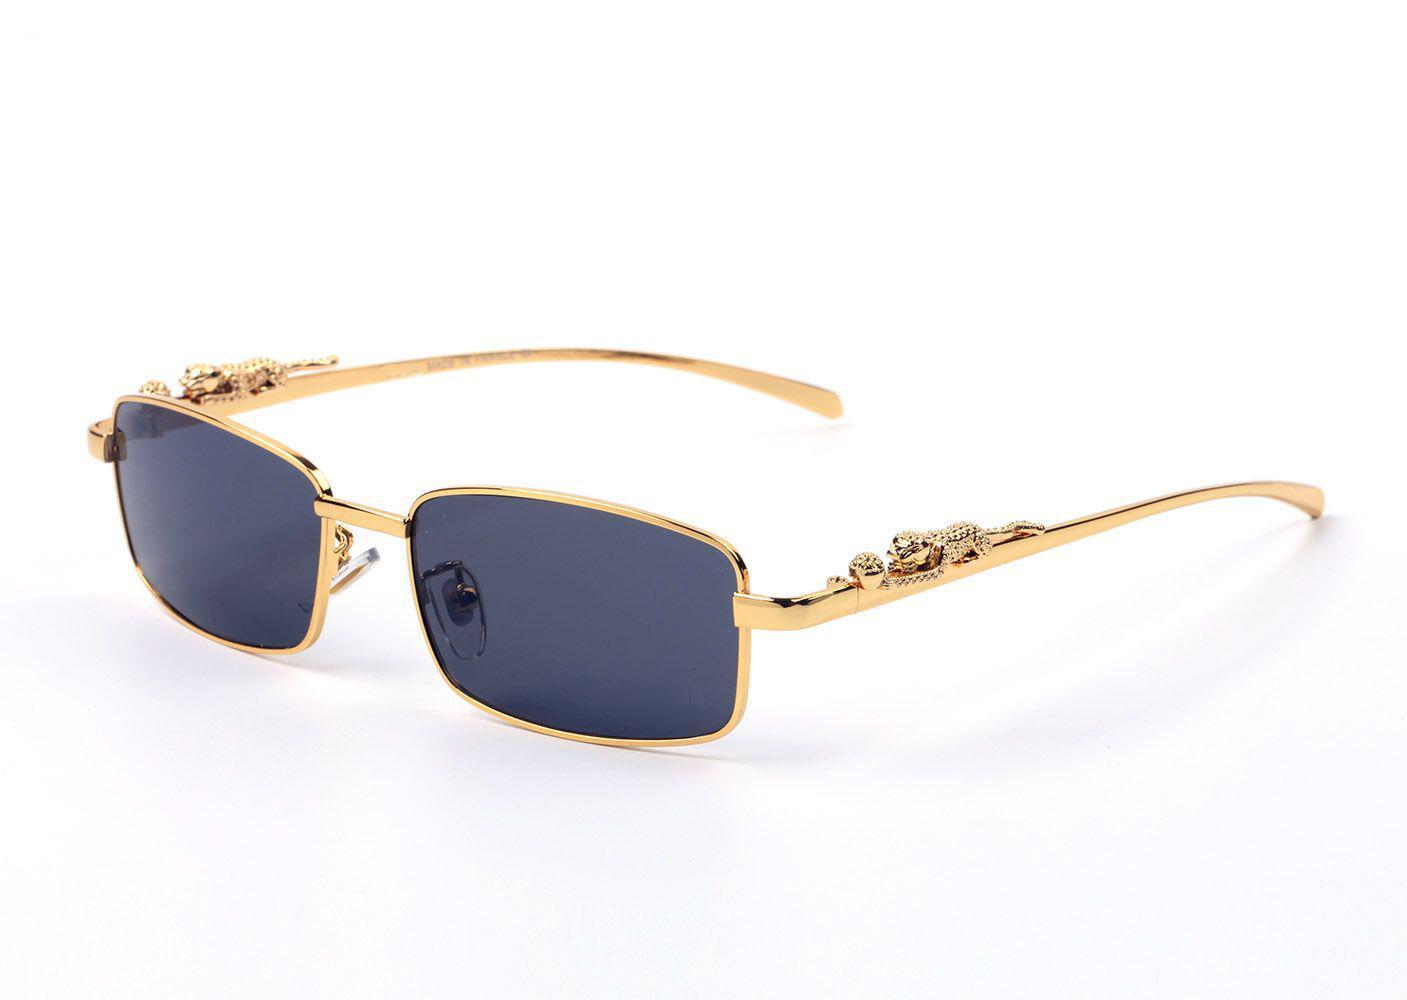 Klasik Tasarımcı Güneş Gözlüğü Metal Çerçeve Cam Lens Pilot Erkekler Kadınlar Vintage Tasarım Koruma UV400 Oculos De Sol Masculino Gafas aksesuarları Kutuları ile 58mm